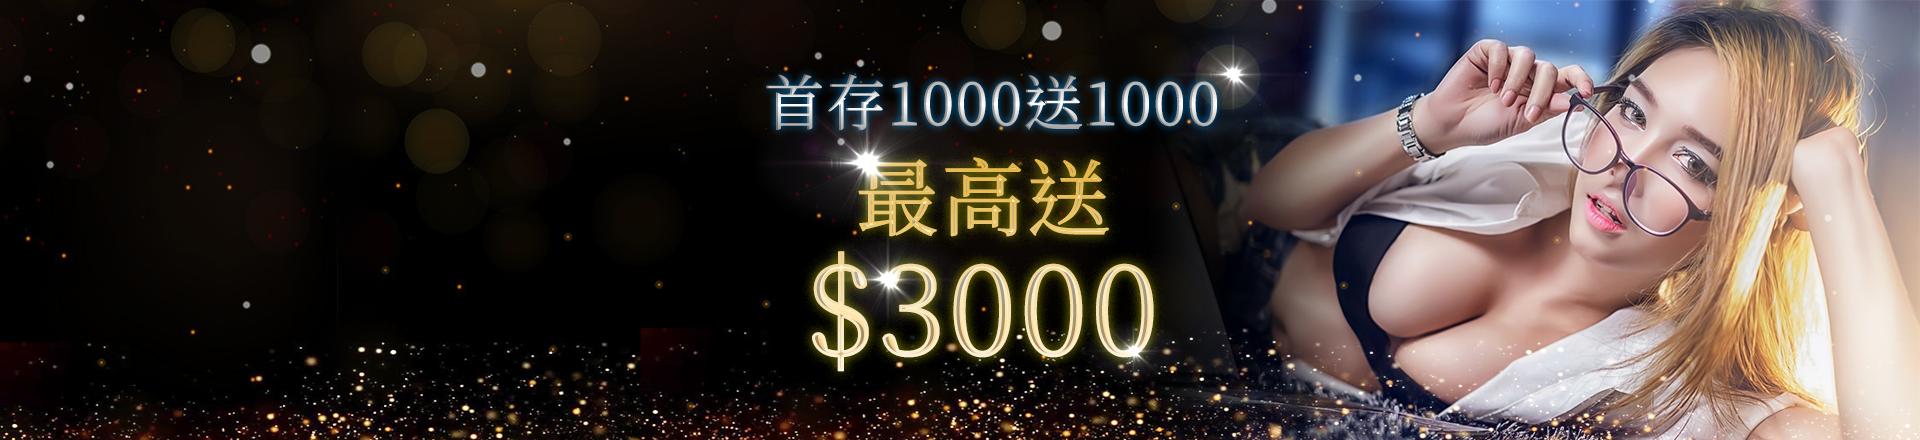 永豐娛樂城-新會員首次儲值1000送1000-最高送3000